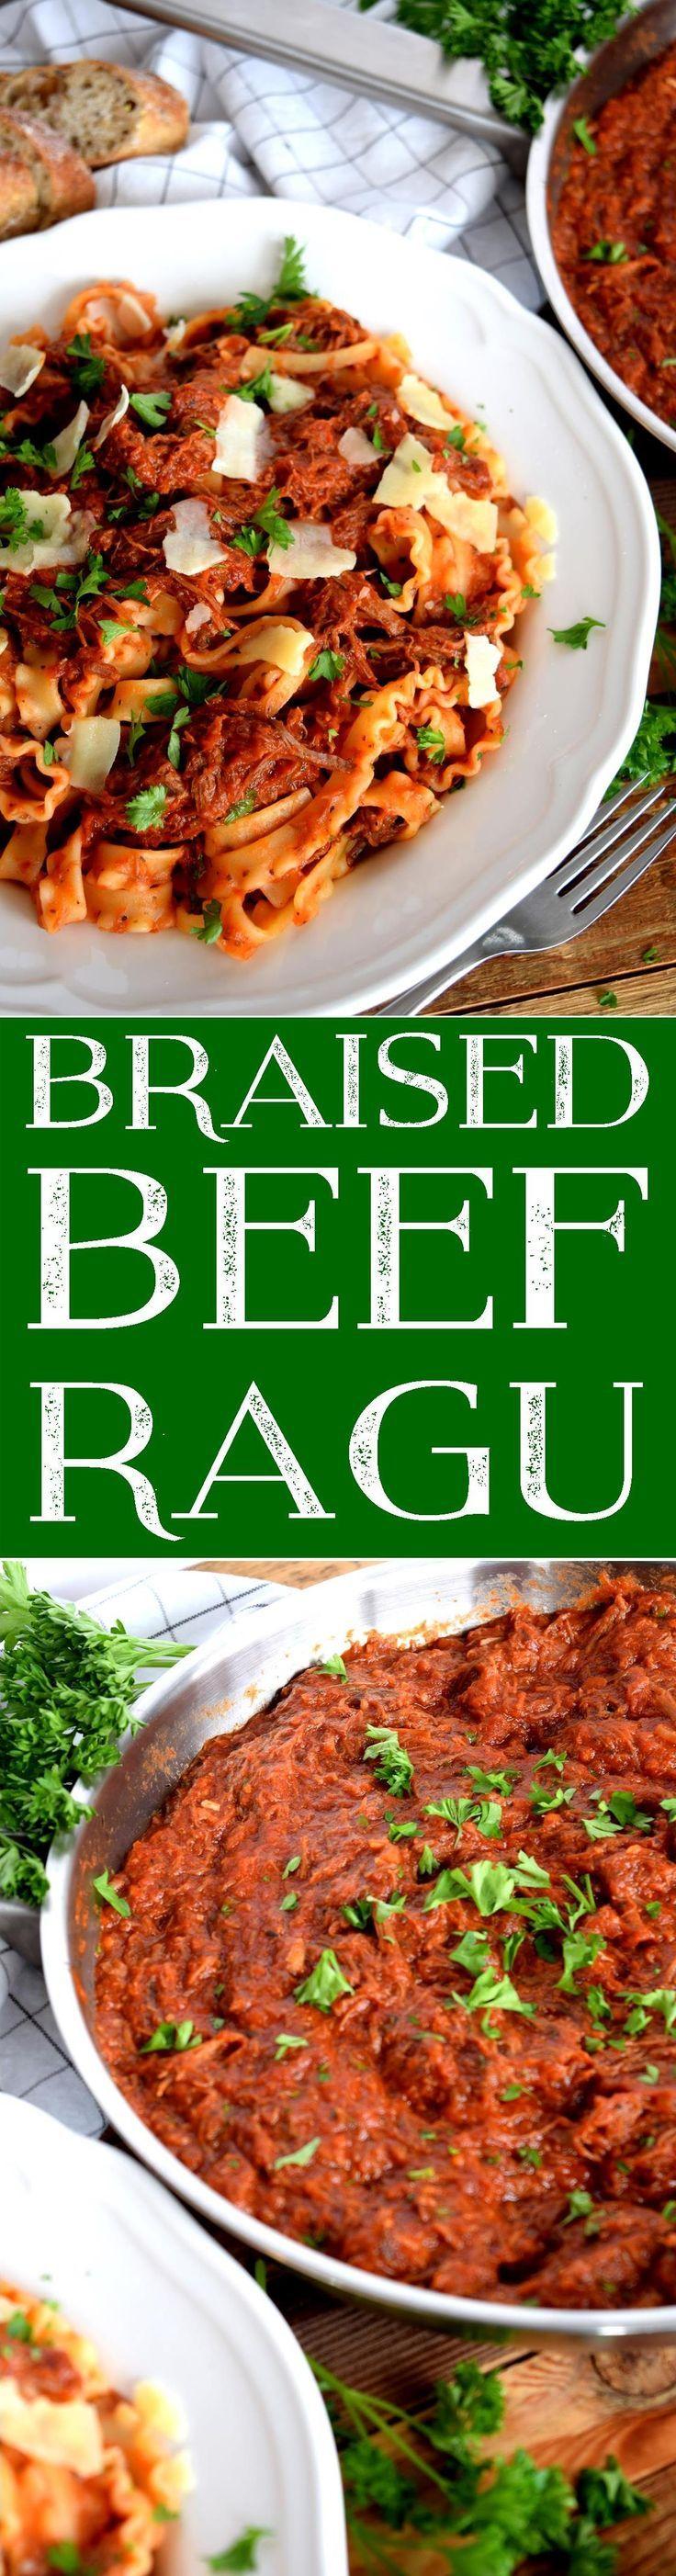 Braised Beef Ragu